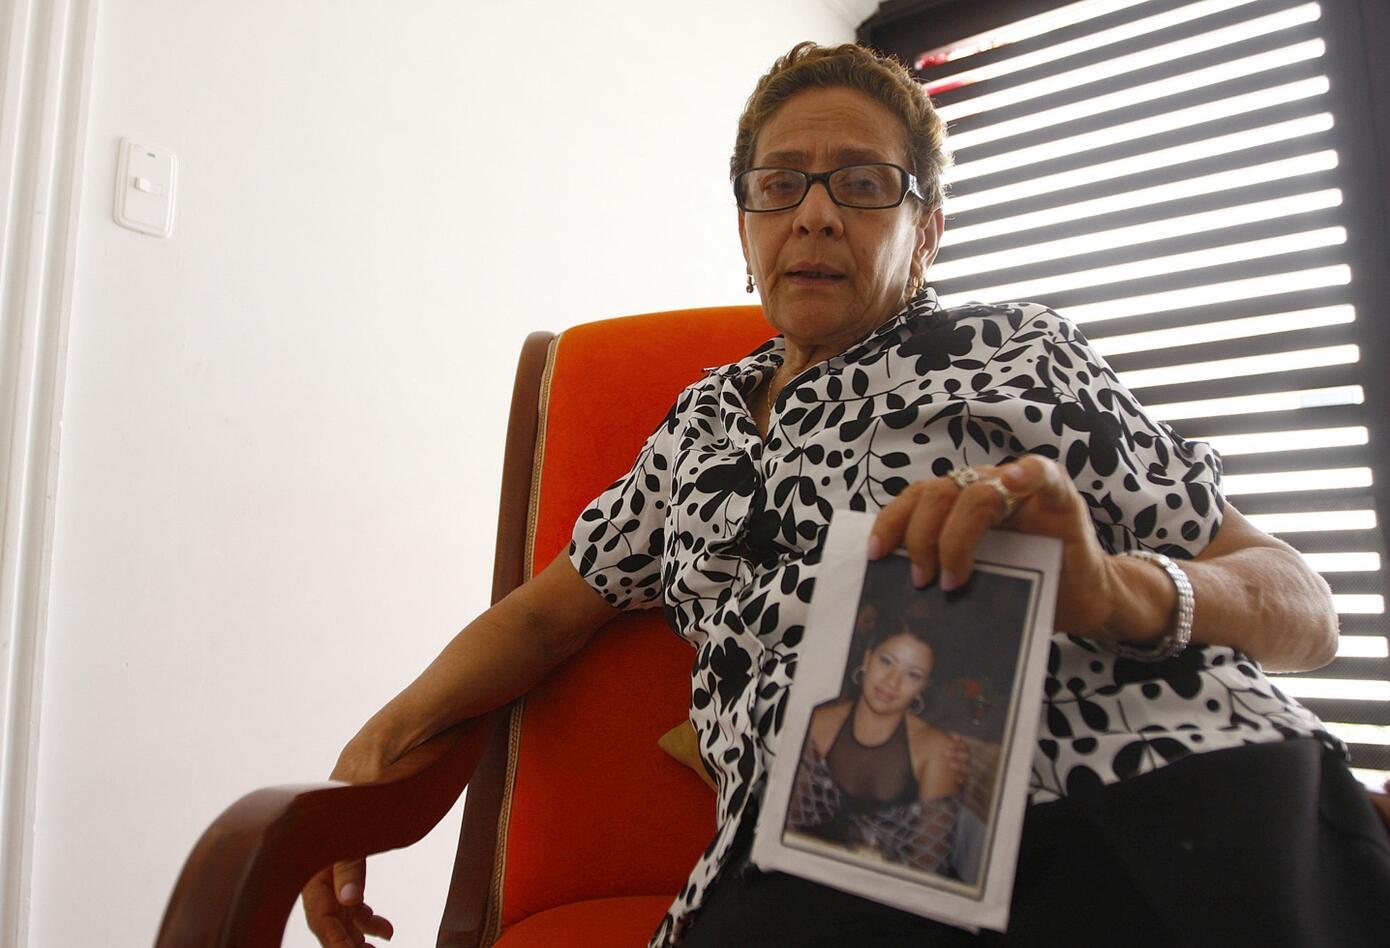 Sorpresa y alivio. Tristeza y dolor. A Enith Gutiérrez la embargan aún muchos sentimientos, algunos encontrados. Ella es la madre de Erika Cecilia Yeneris, la exesposa y víctima del coronel Joaquín Aldana.